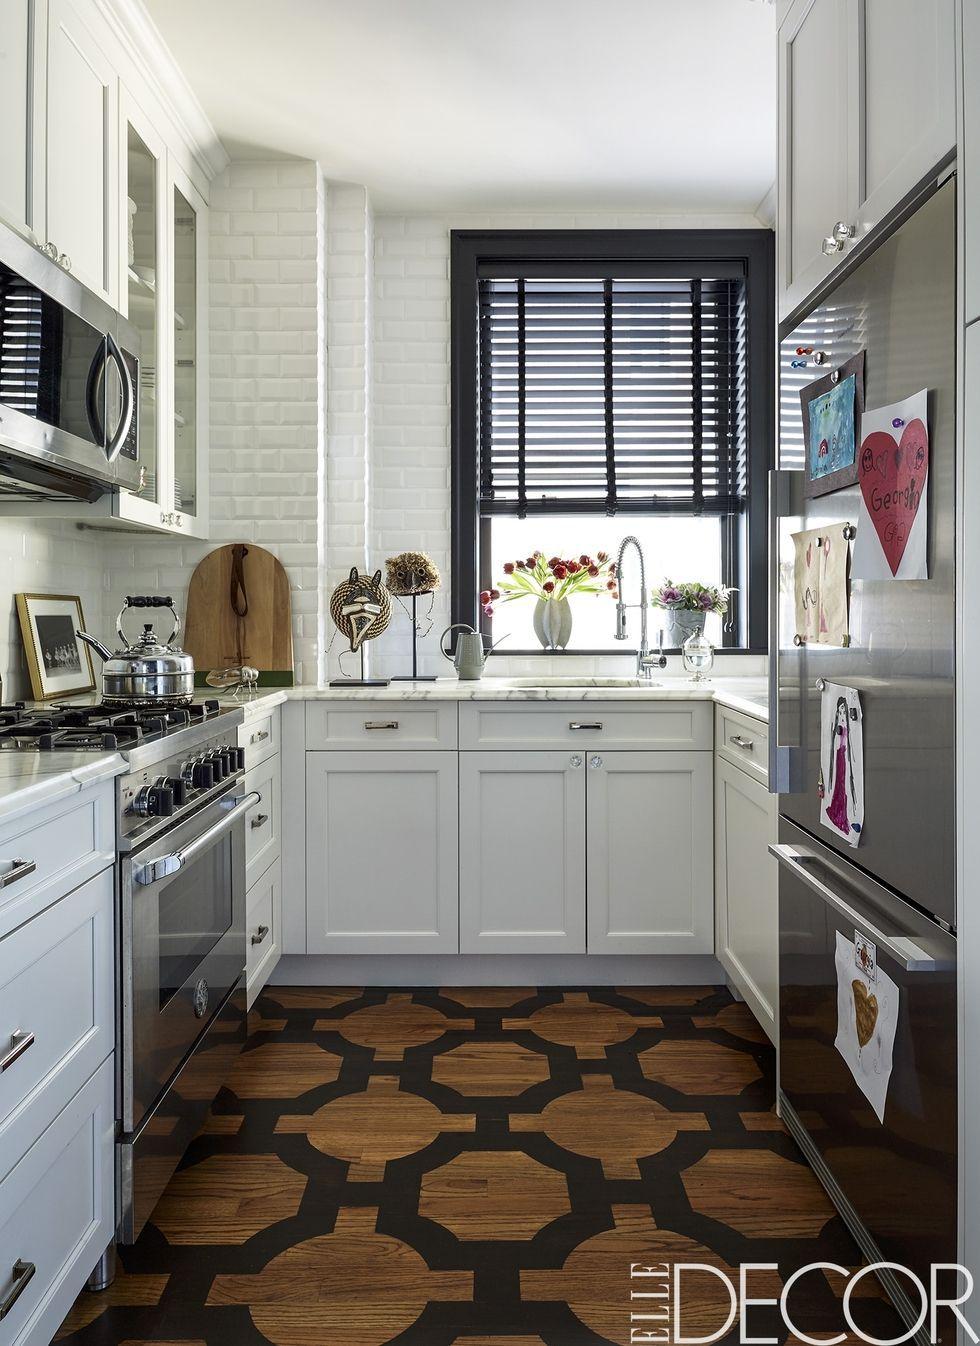 Small Kitchen Design 50+ small kitchen design ideas - decorating tiny kitchens ETGUAYW